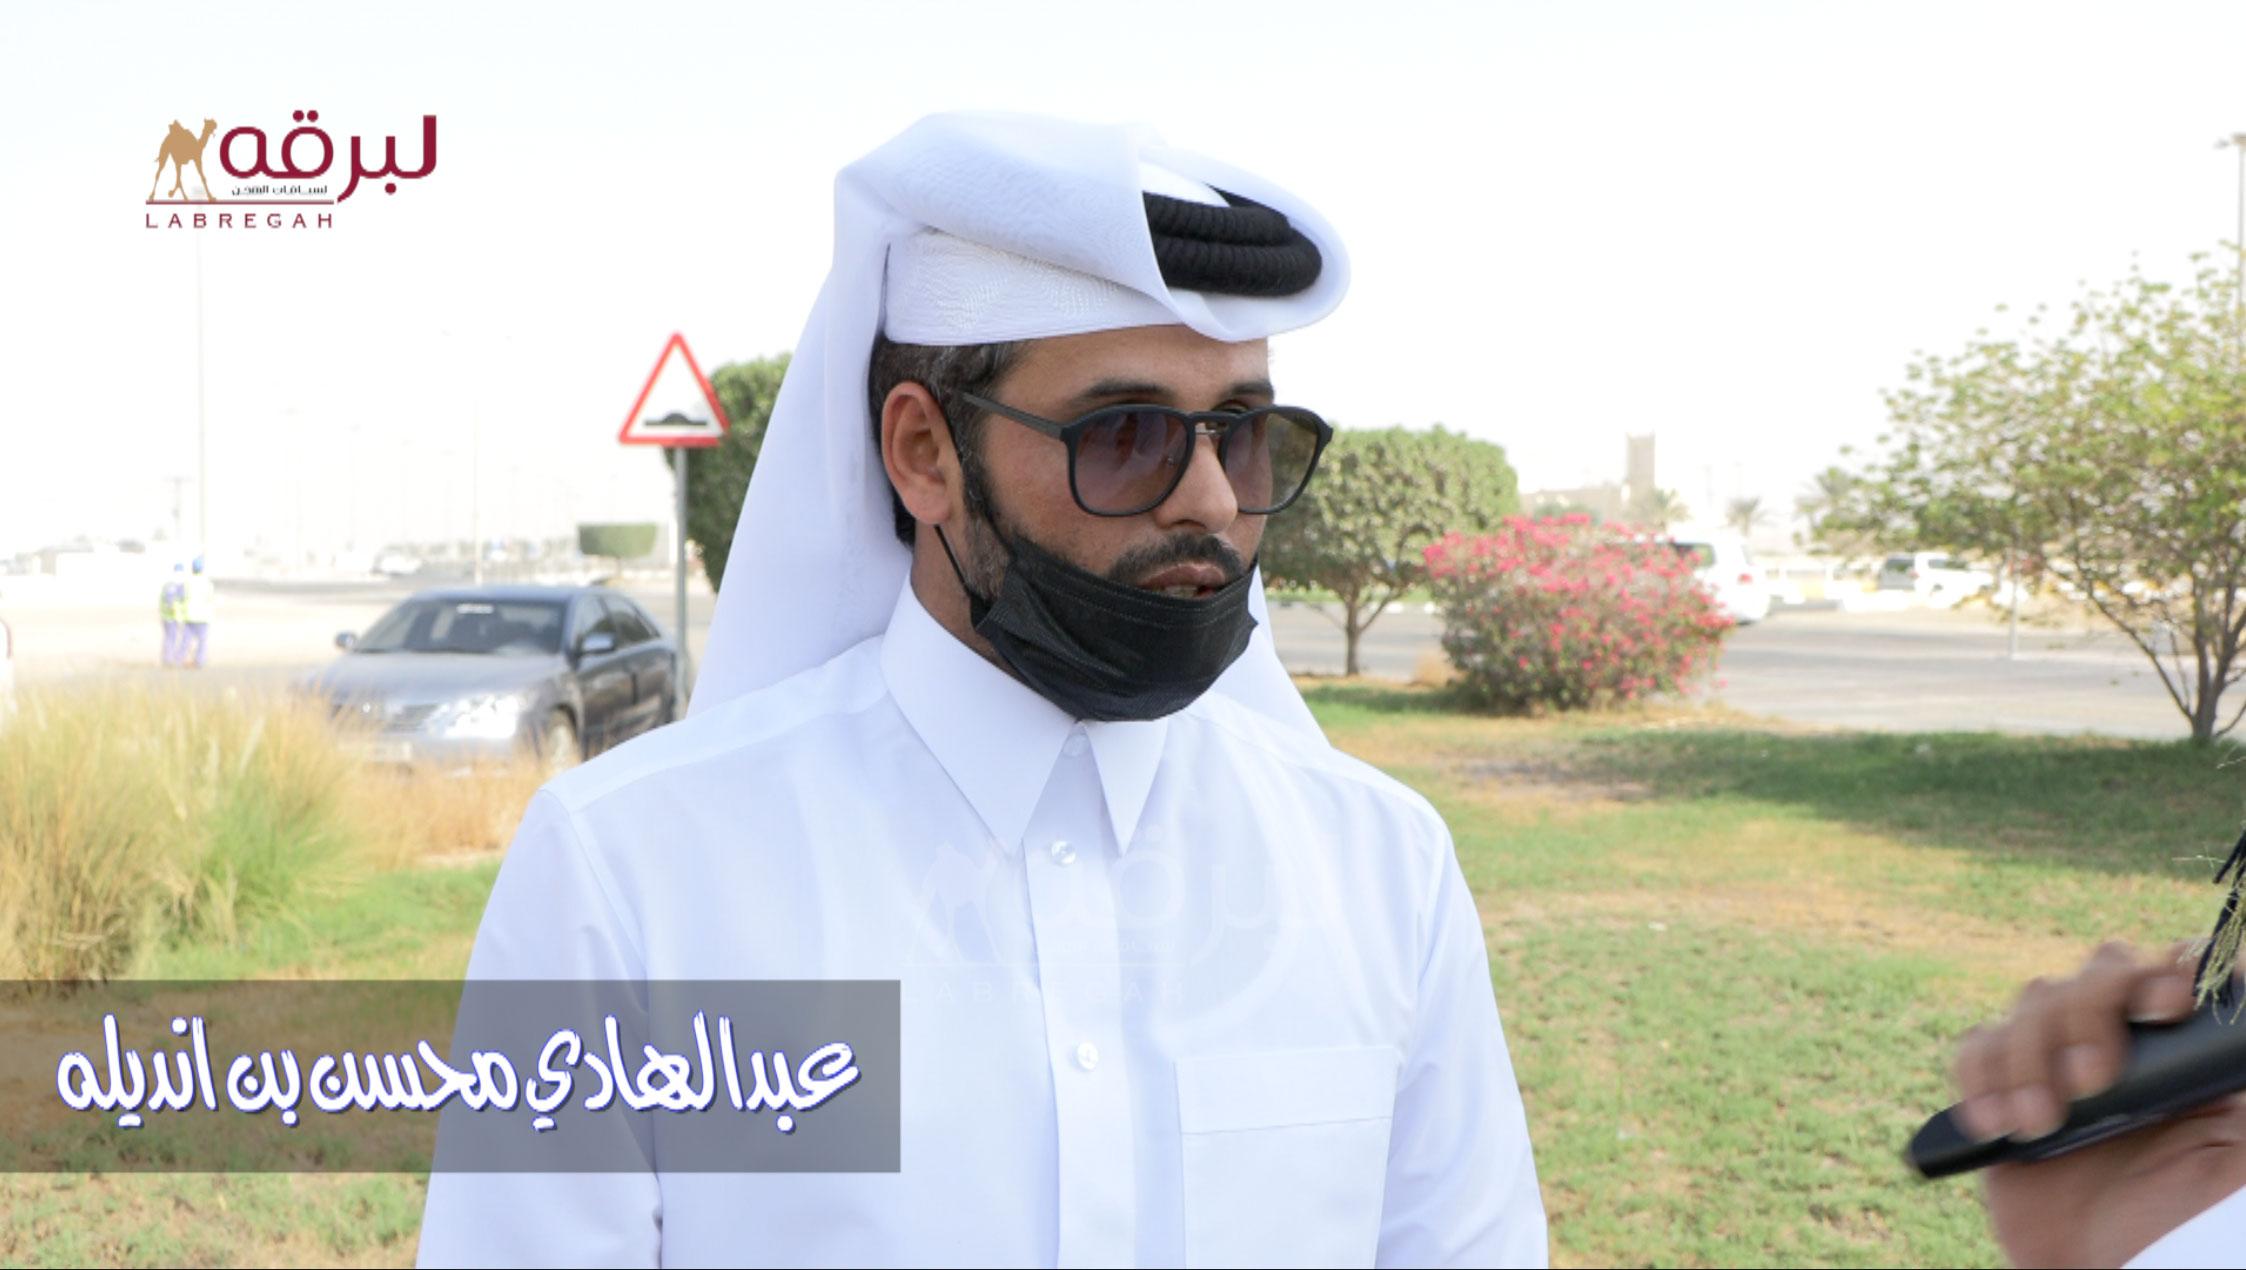 لقاء مع عبدالهادي محسن بن انديله.. الشوط الرئيسي جذاع بكار إنتاج ميدان الشحانية ٨-٩-٢٠٢١